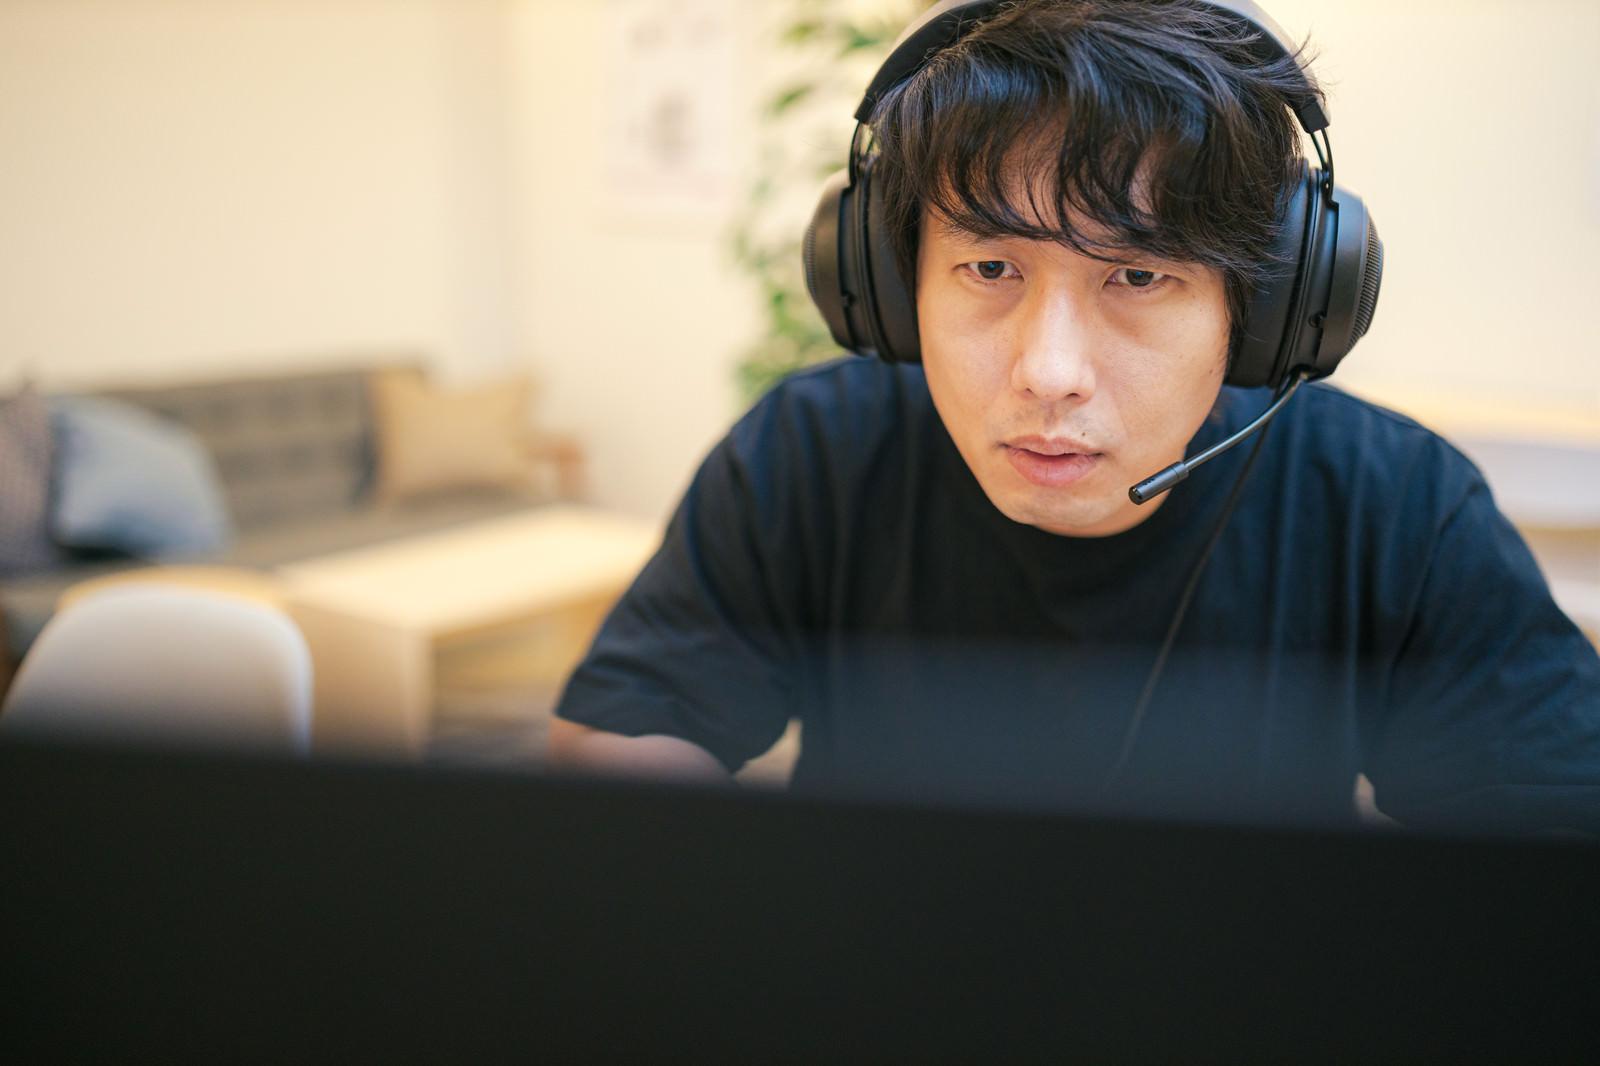 「プレイに集中するゲーマー」の写真[モデル:大川竜弥]